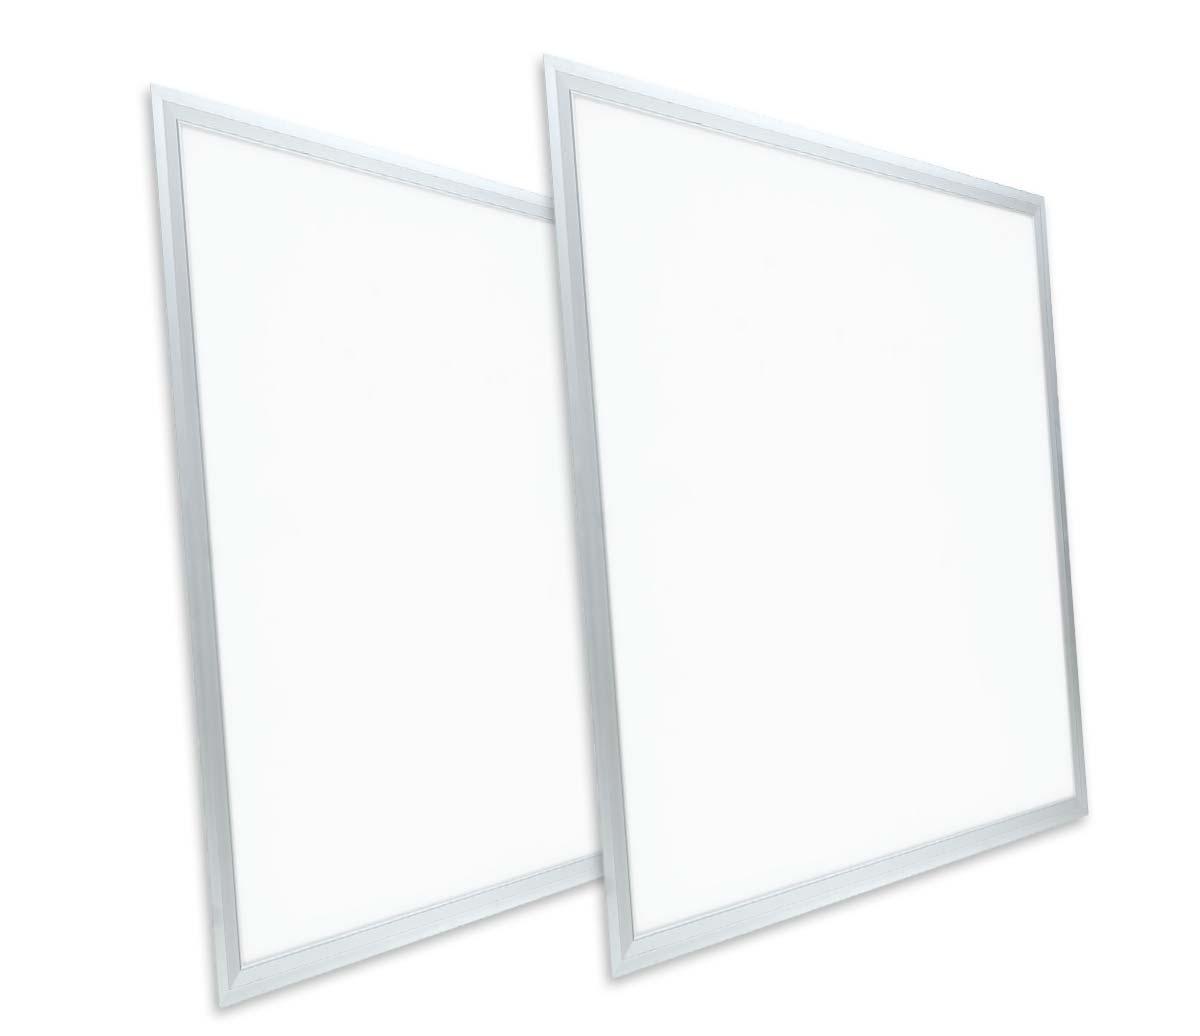 led панель, светодиодная панель, светодиодные панели, панель светодиодная, led панель 600х600, лед панель купить, светодиодные led панели, купить led панель, led панели потолочные